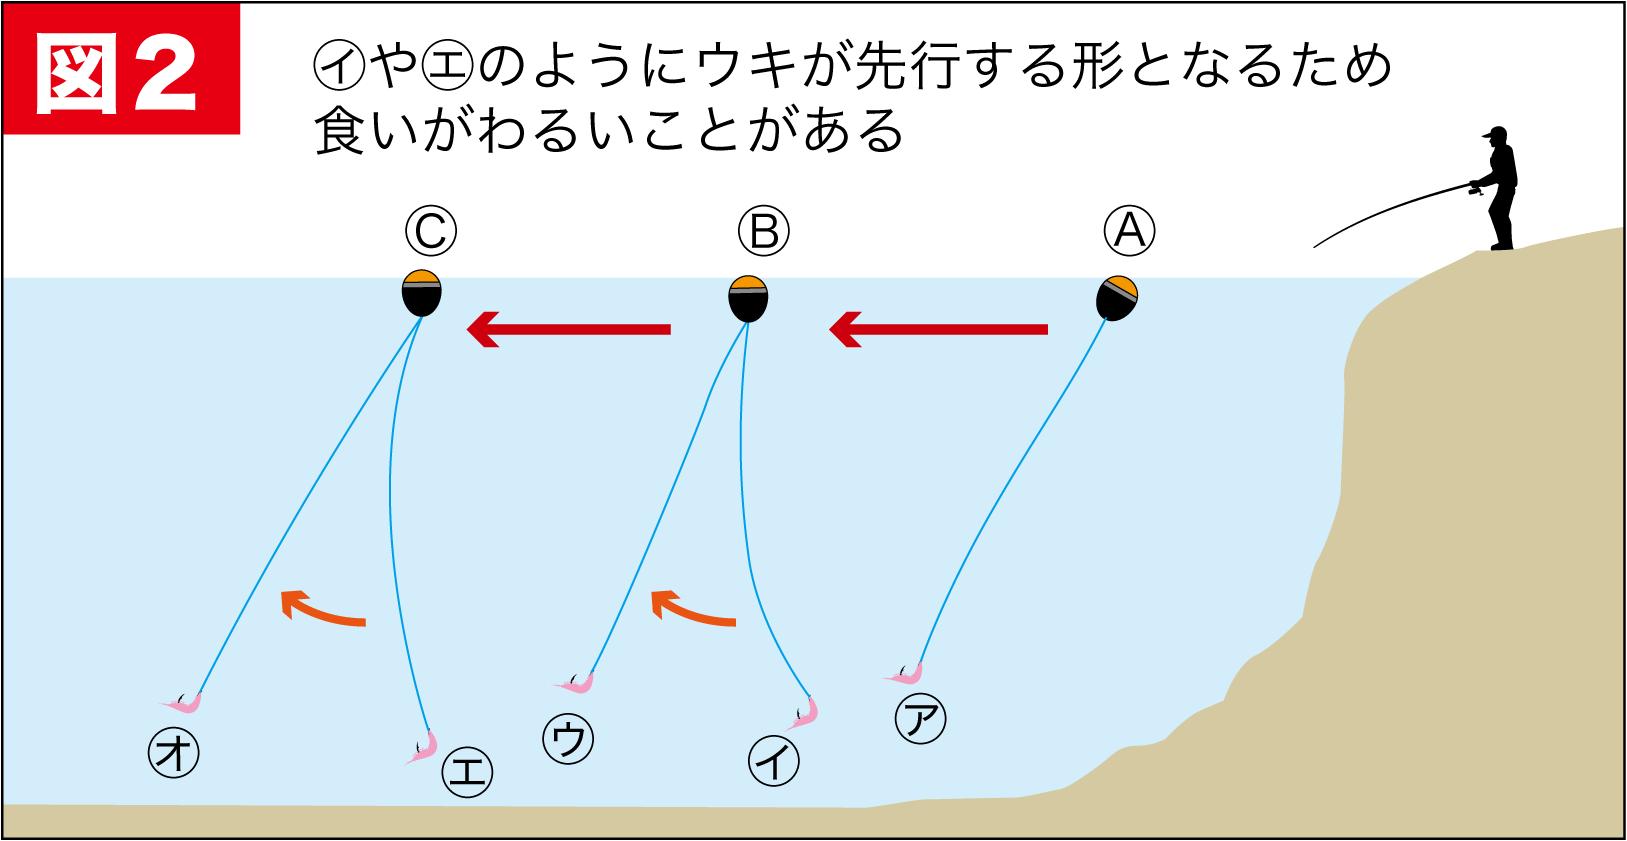 春磯勝利グレ1-7